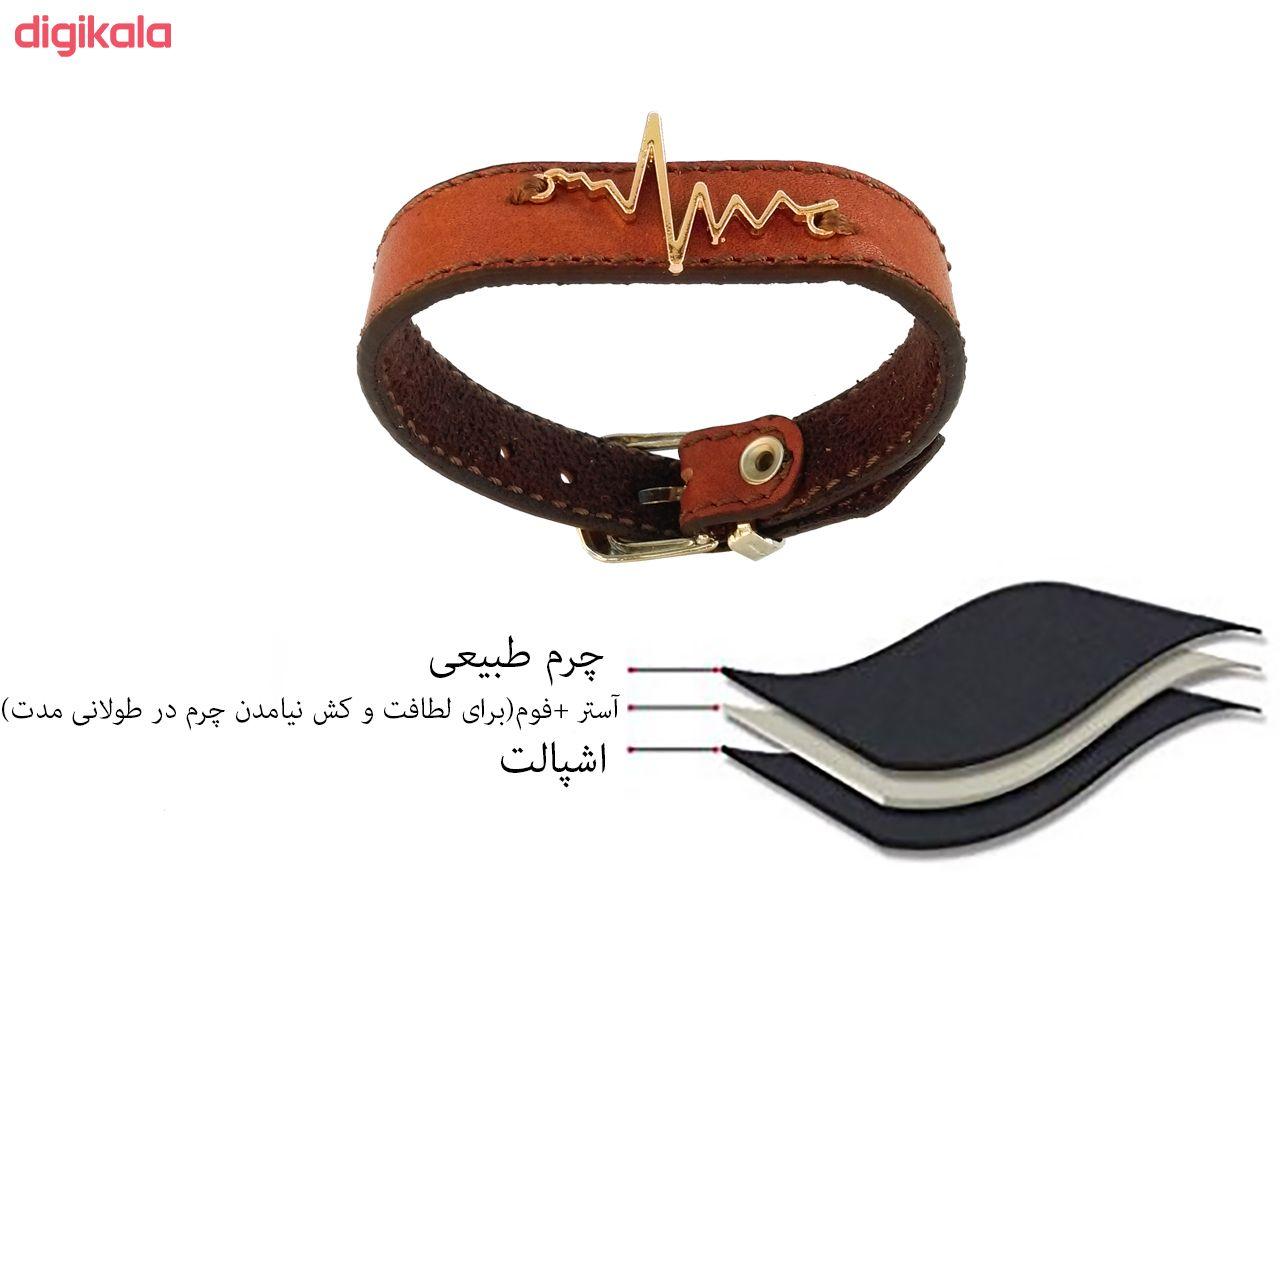 دستبند زنانه چرم وارک مدل پرهام کد rb59 main 1 10